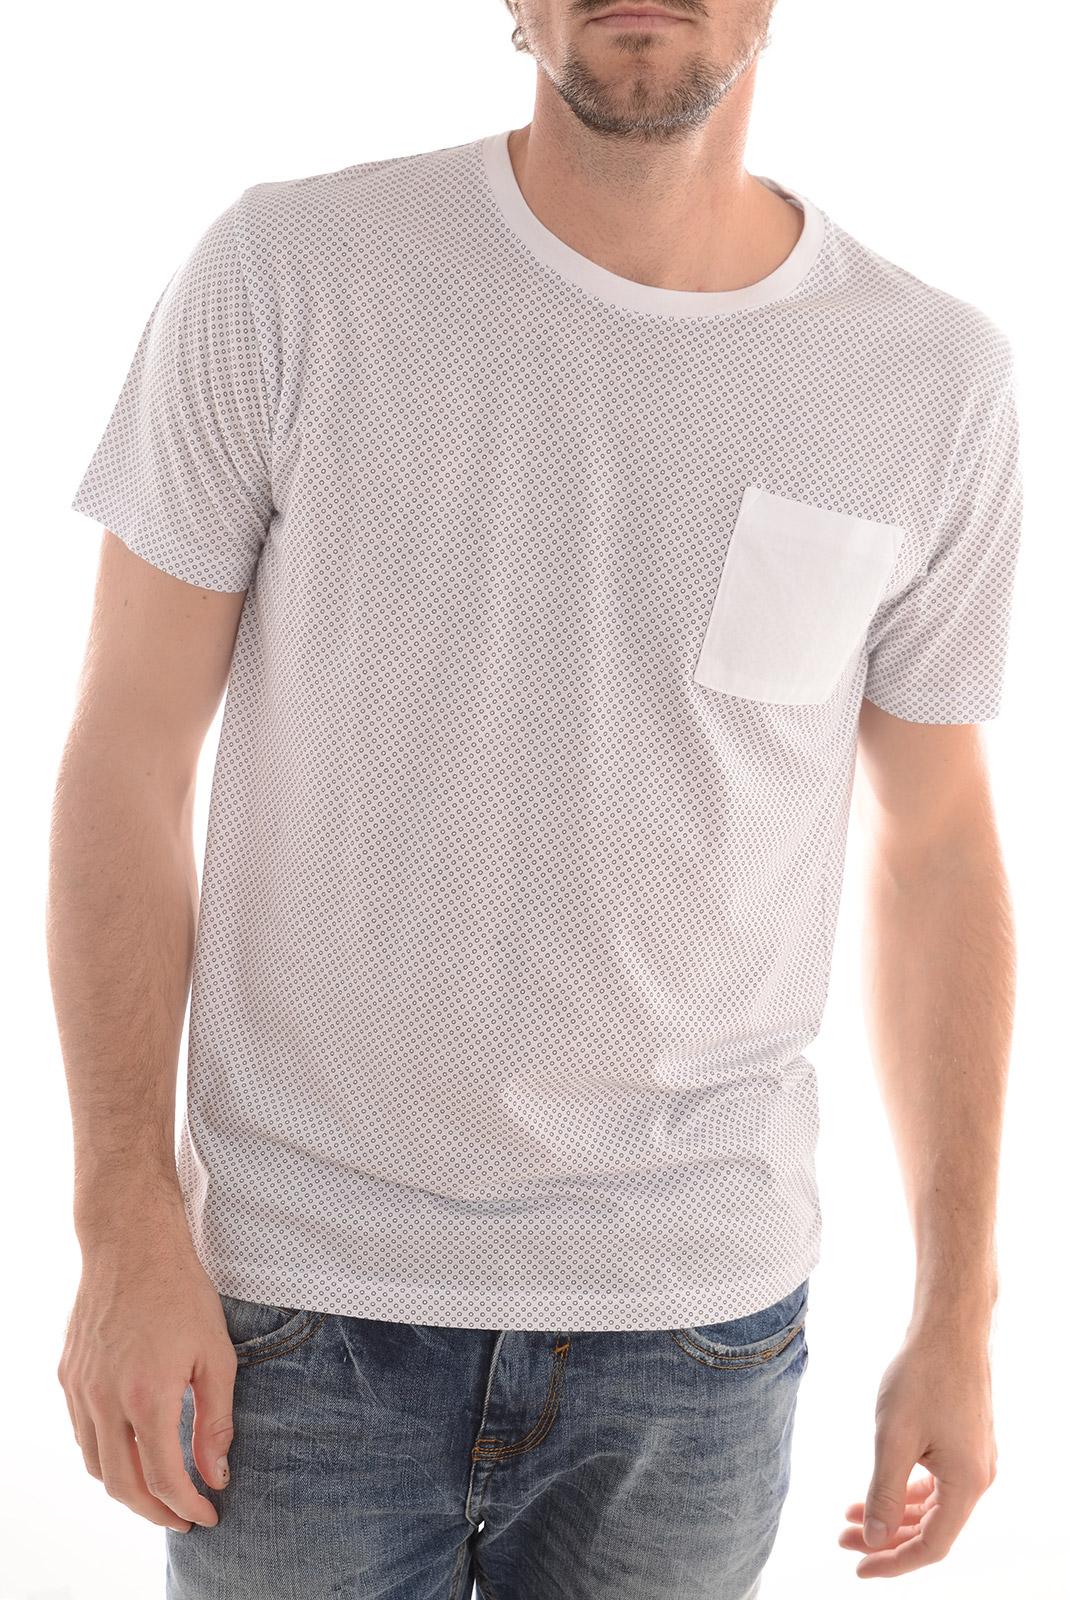 Image du produit Tee-shirts Selected Homme S,m,l,xl